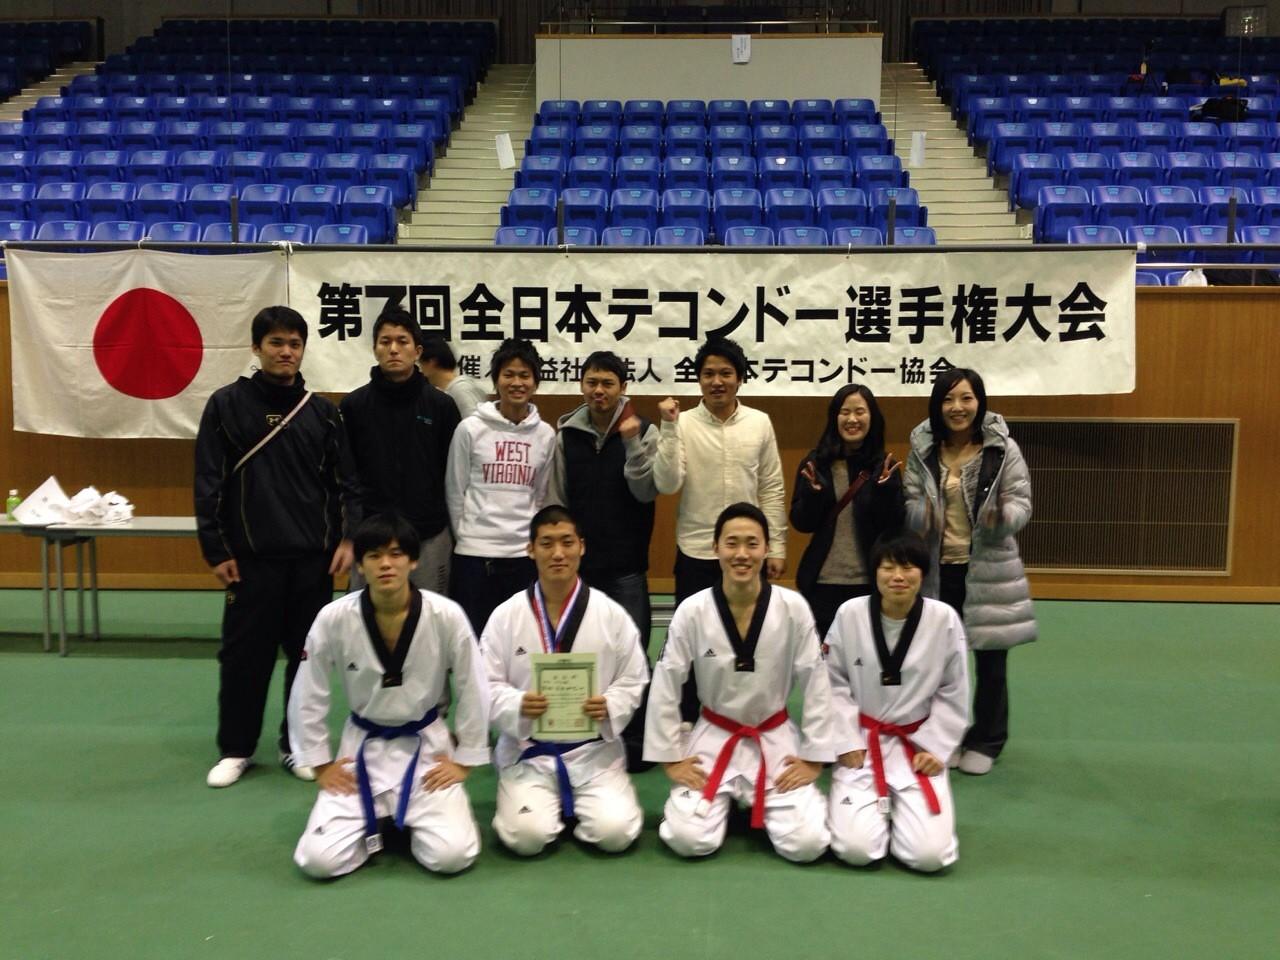 2014年 全日本テコンドー選手権大会より